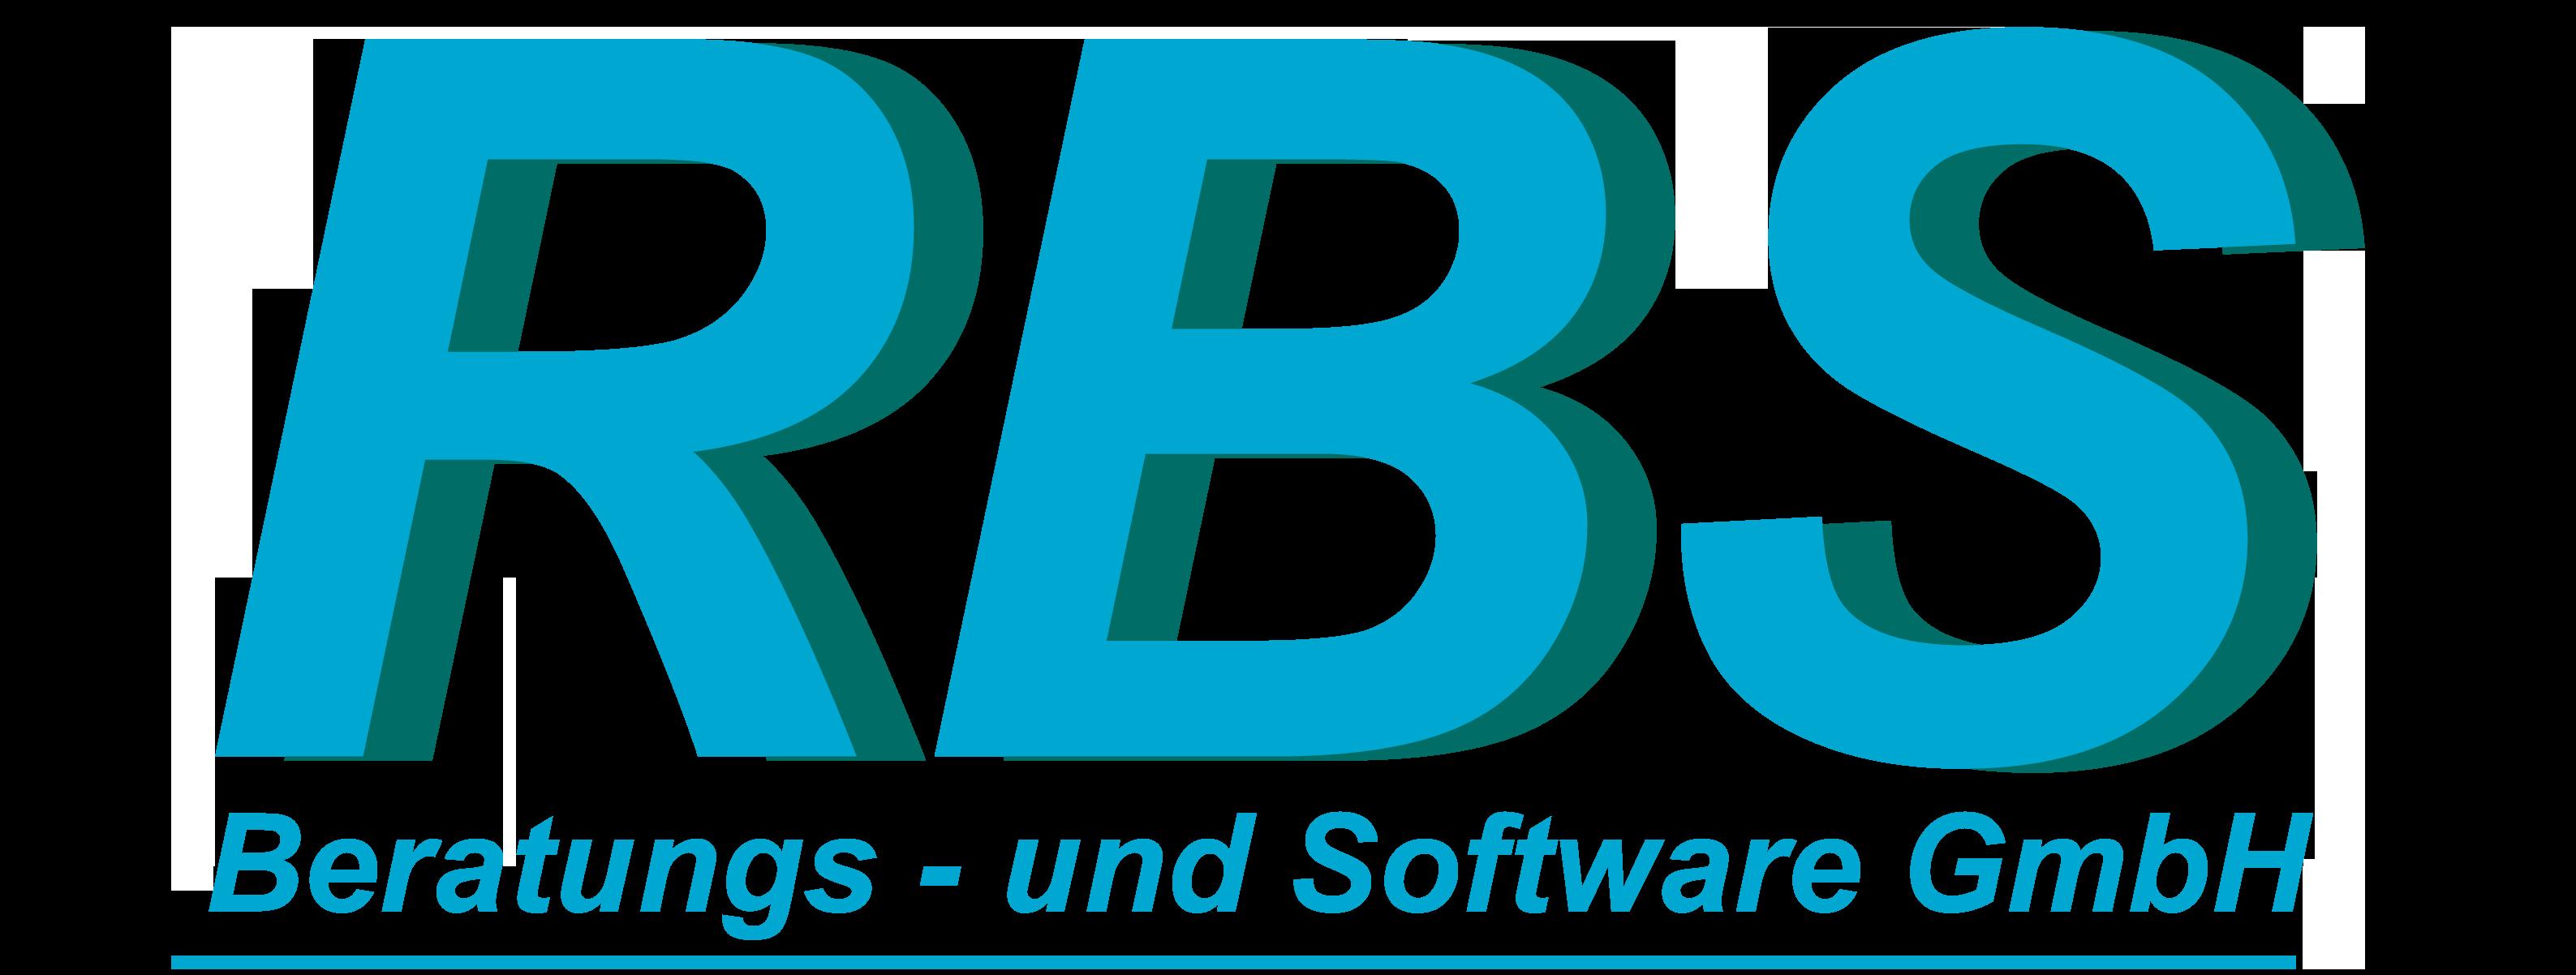 RBS_eContent